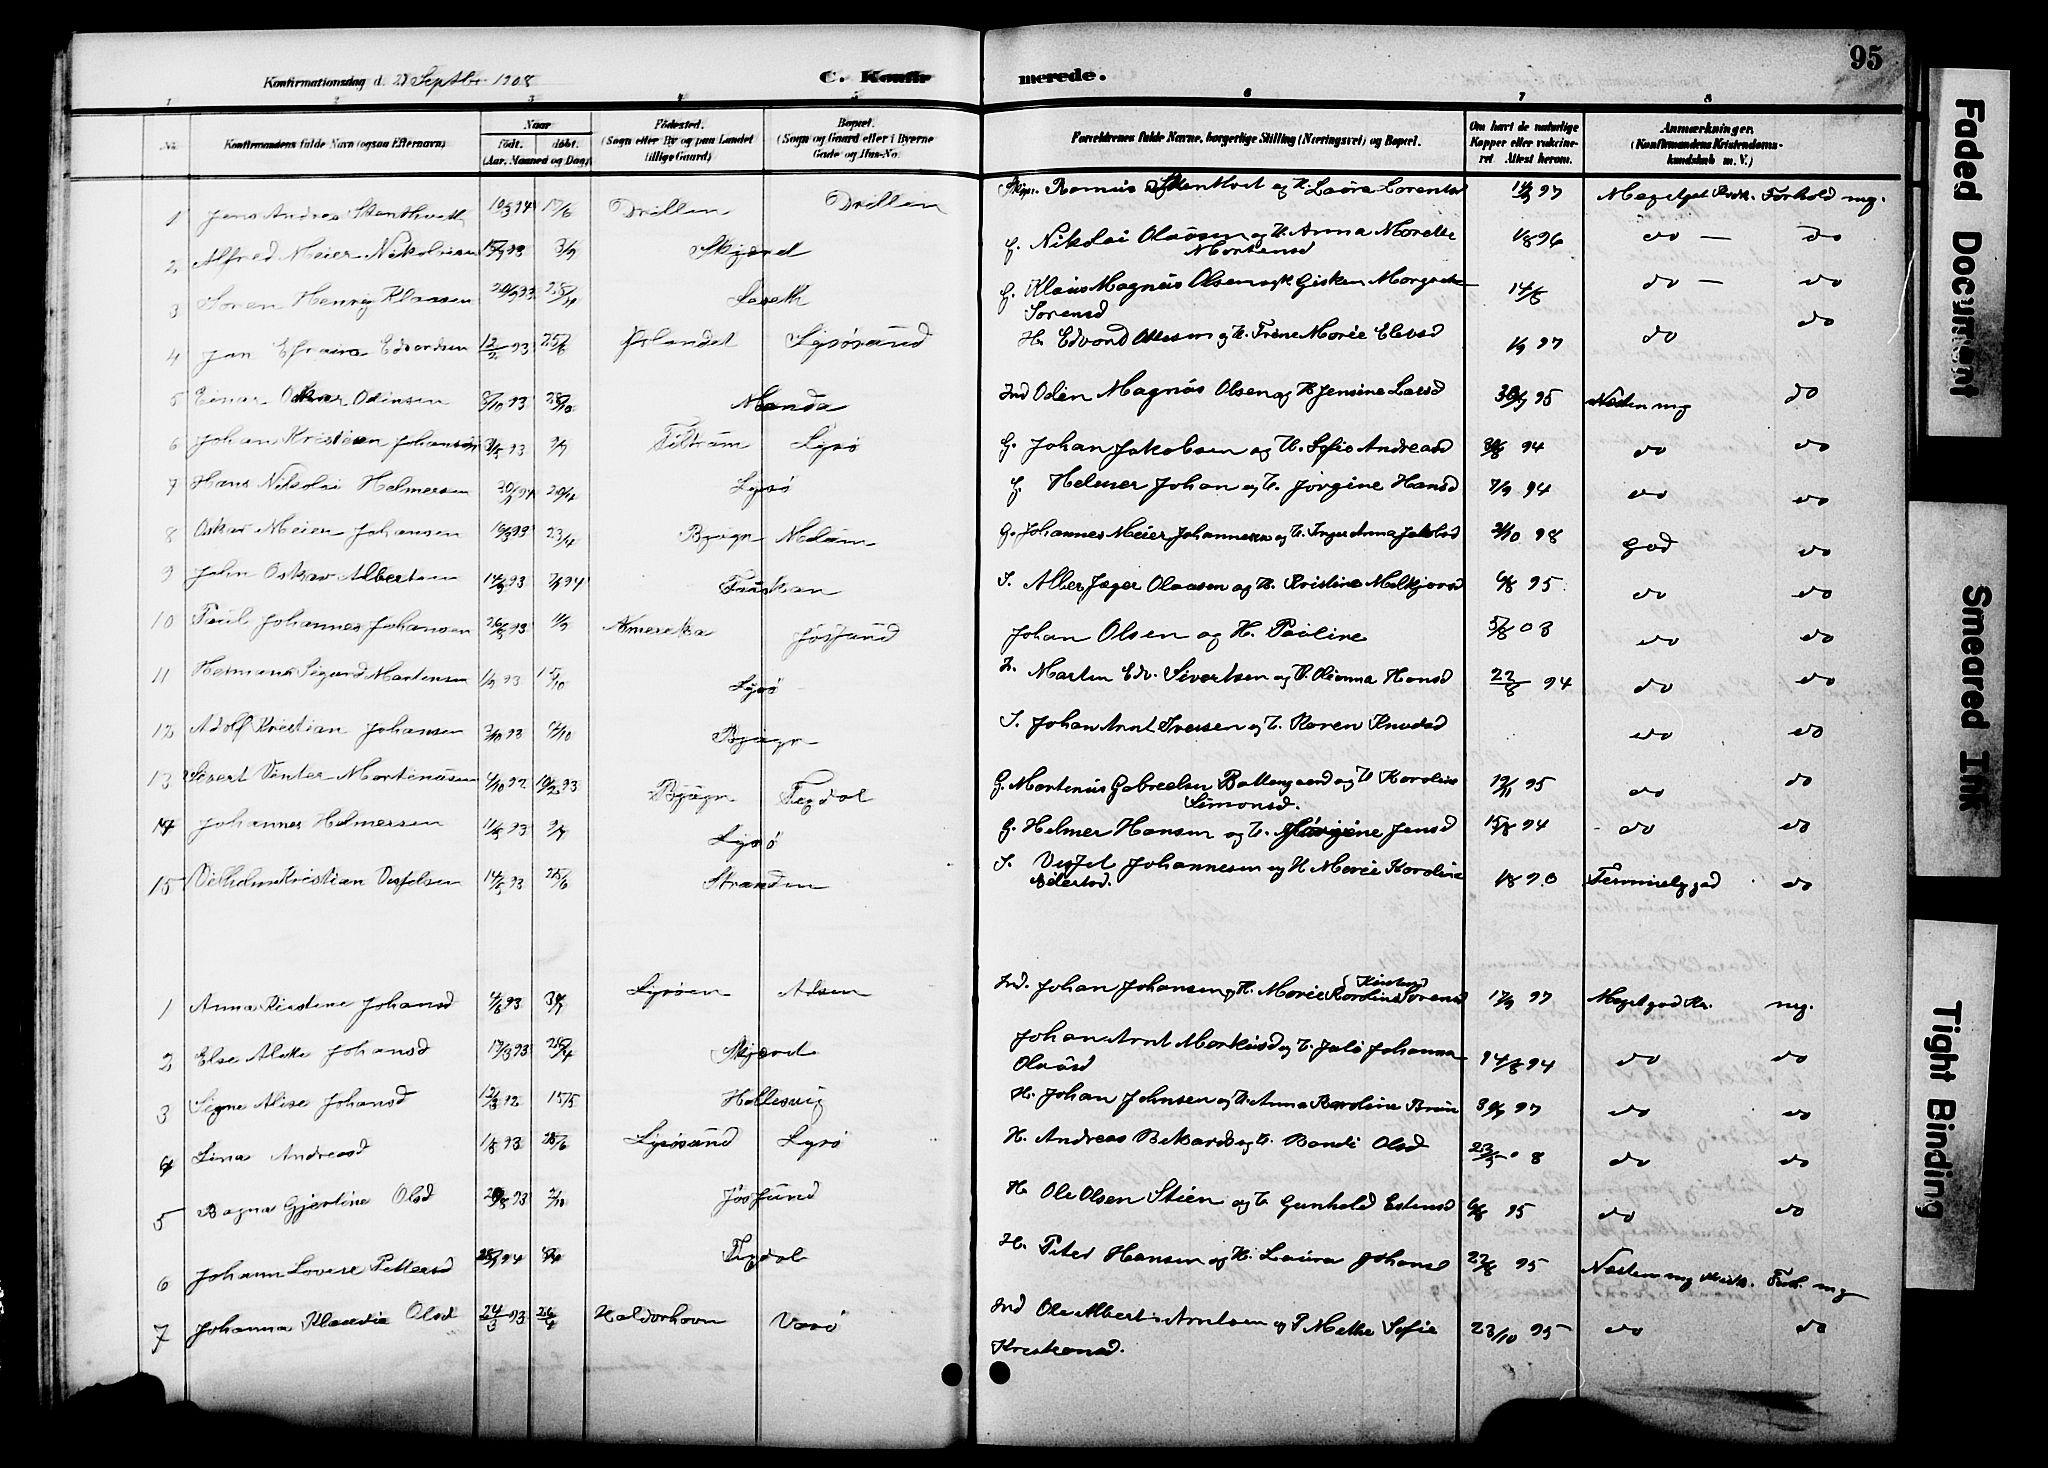 SAT, Ministerialprotokoller, klokkerbøker og fødselsregistre - Sør-Trøndelag, 654/L0666: Klokkerbok nr. 654C02, 1901-1925, s. 95